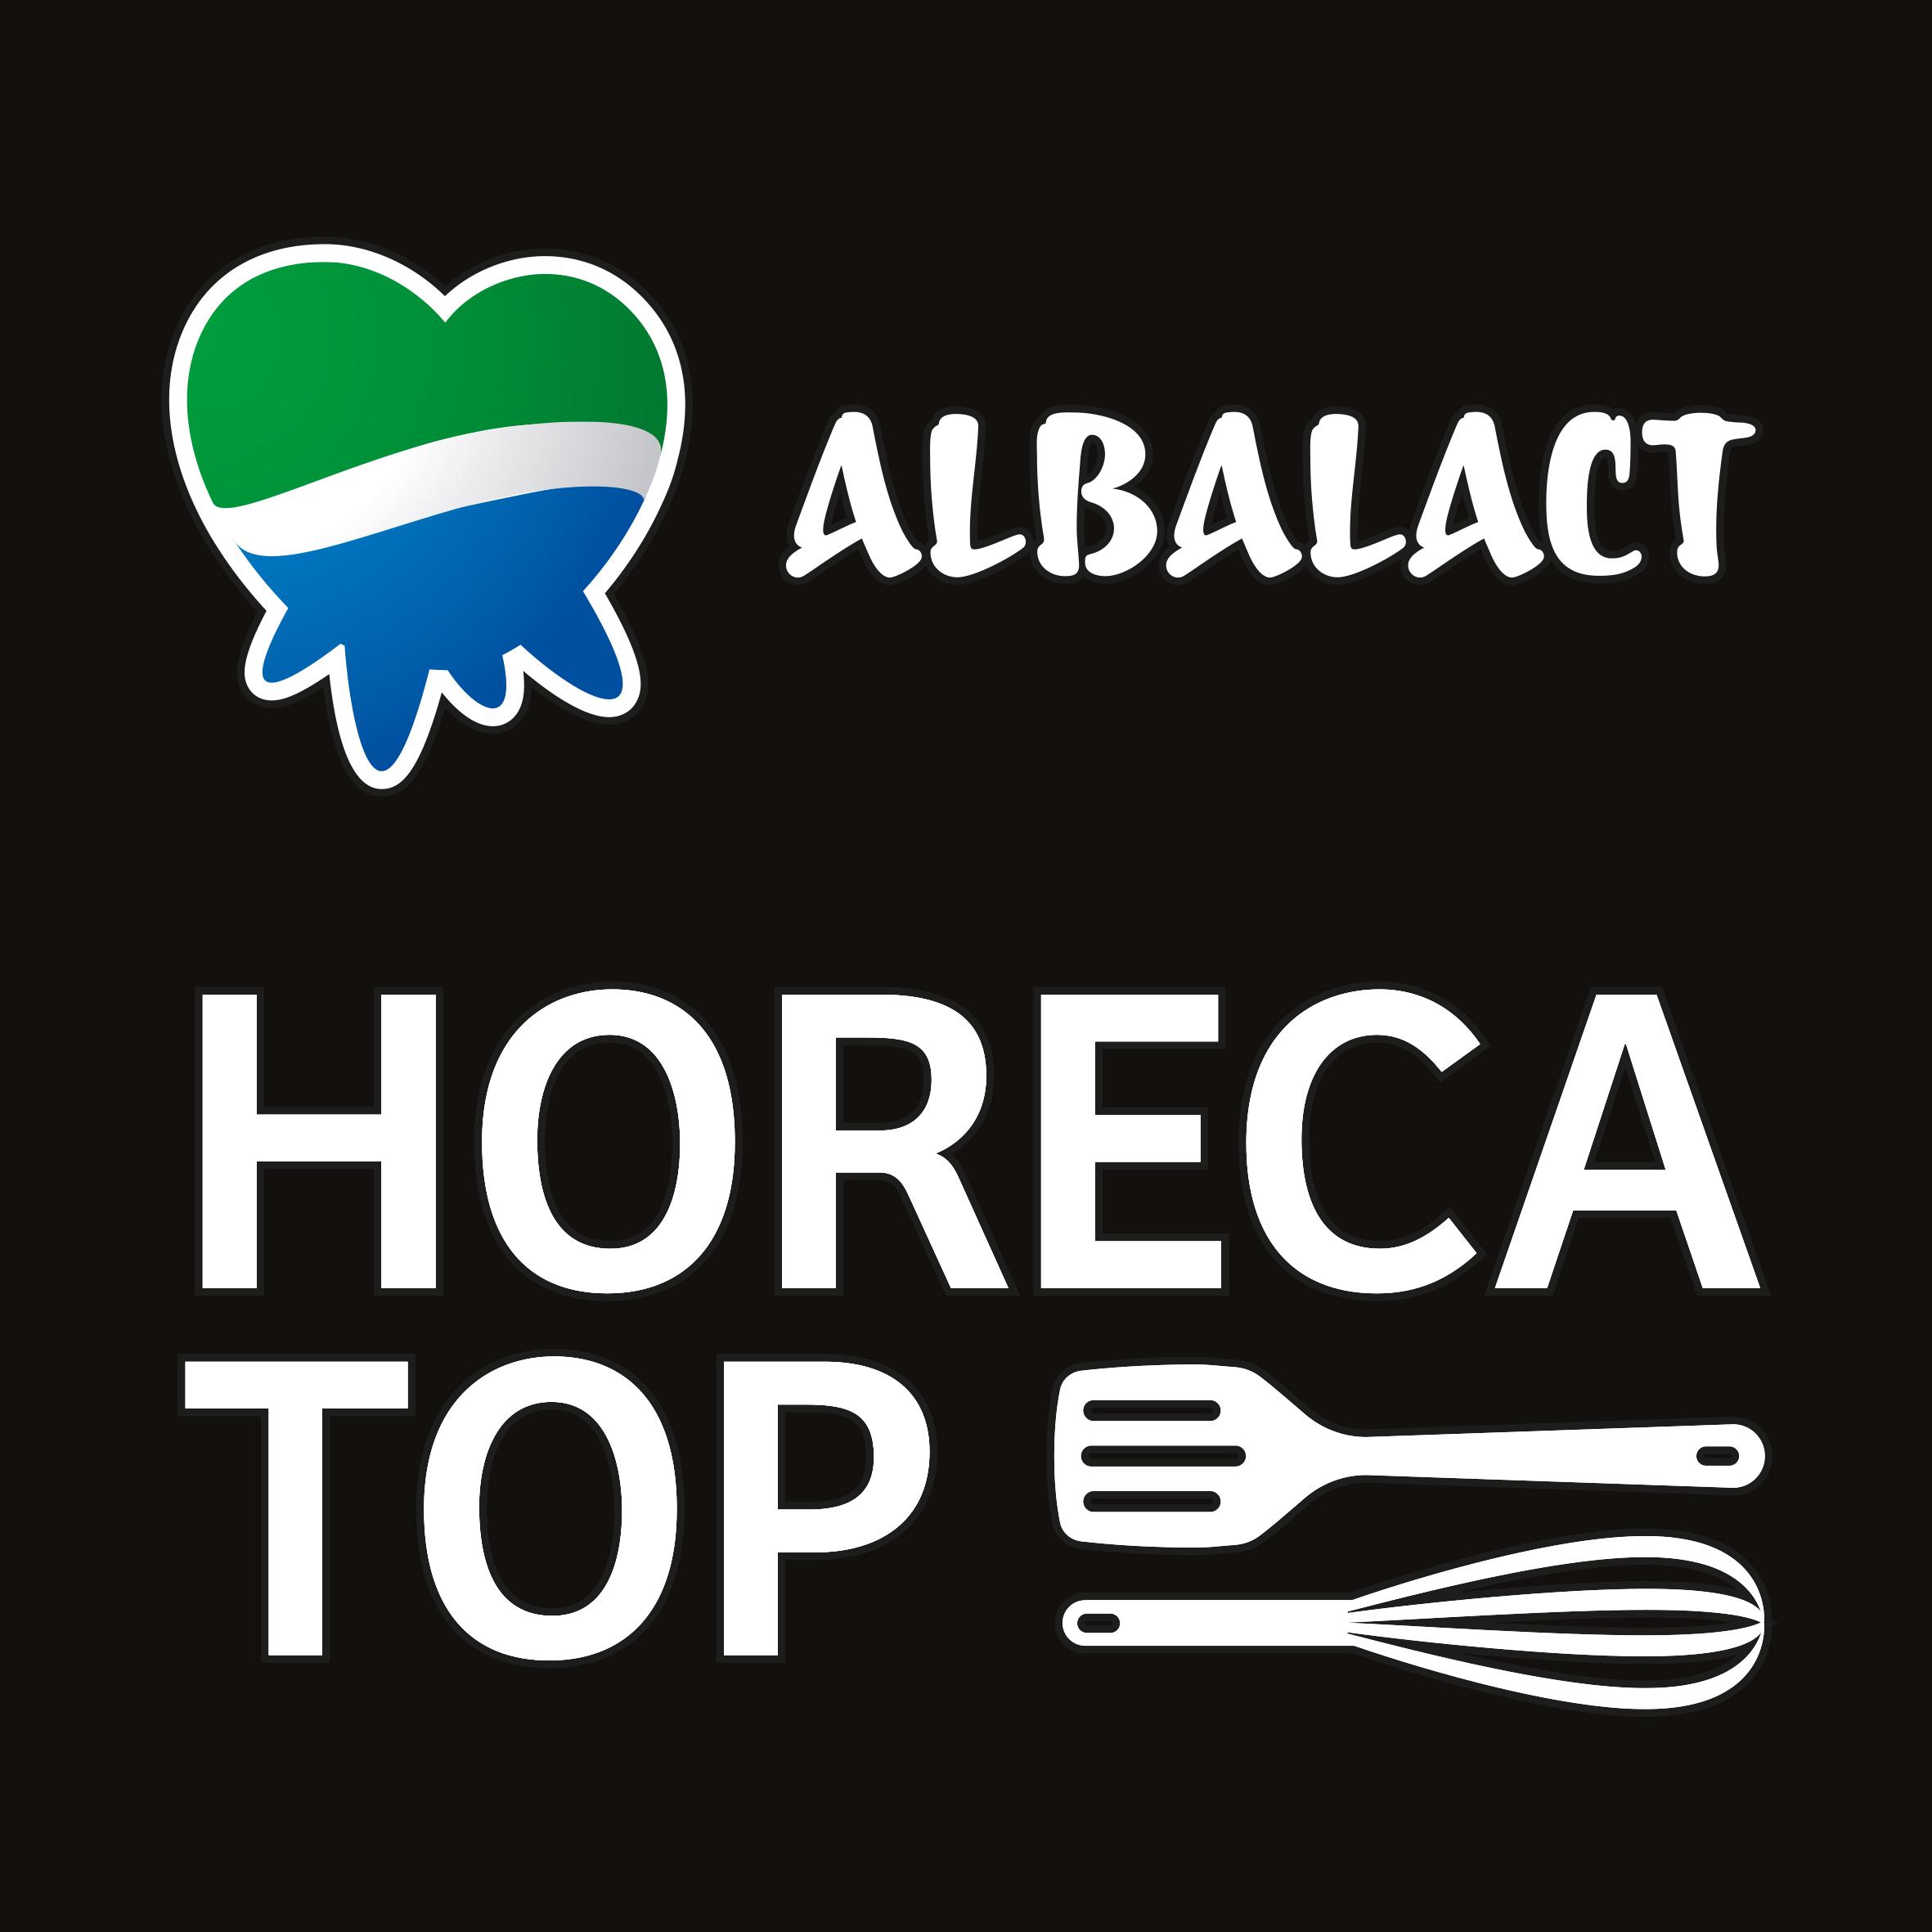 ALBALACT HORECA TOP